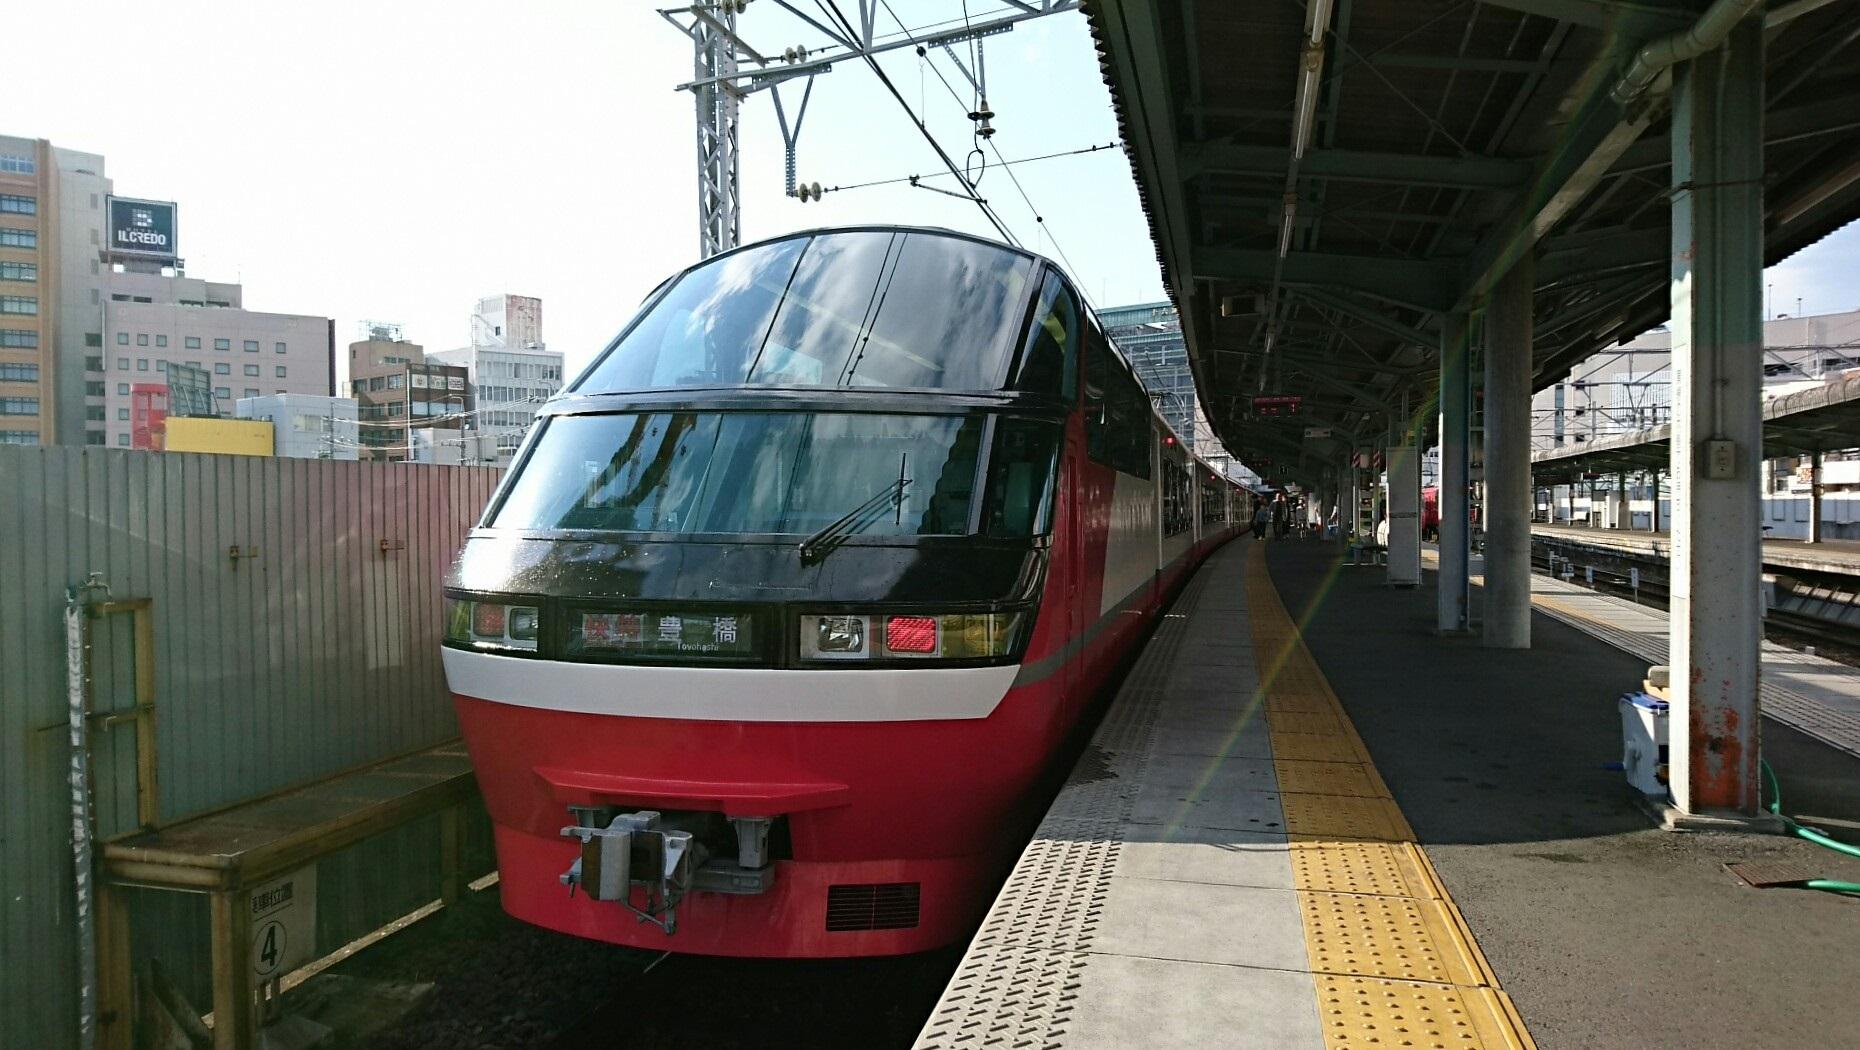 2018.5.4 岐阜 (46) 岐阜 - 豊橋いき快速特急 1860-1050